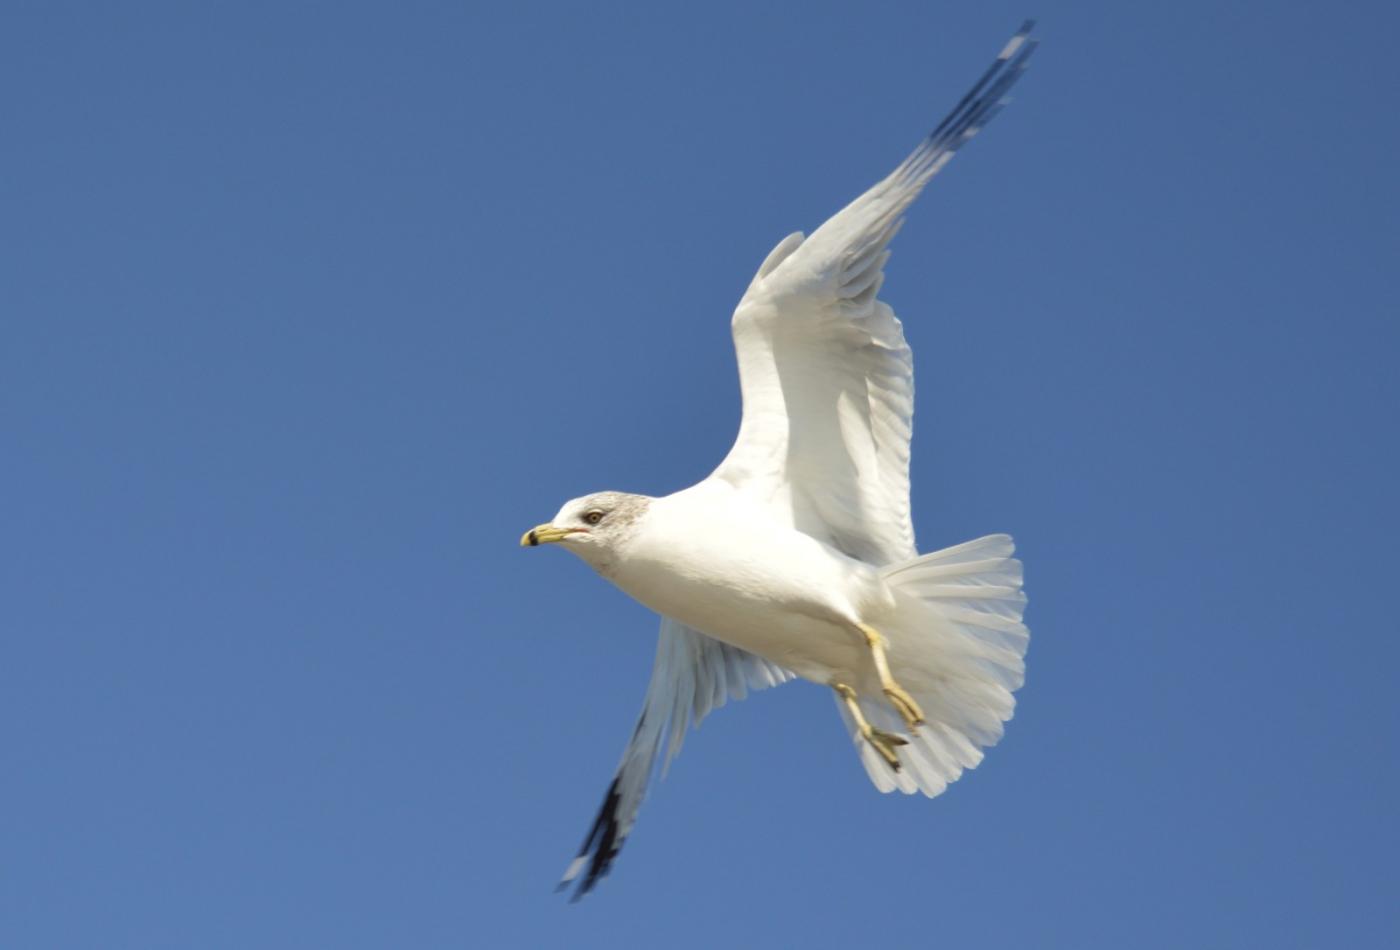 海鸥飞翔_图1-19